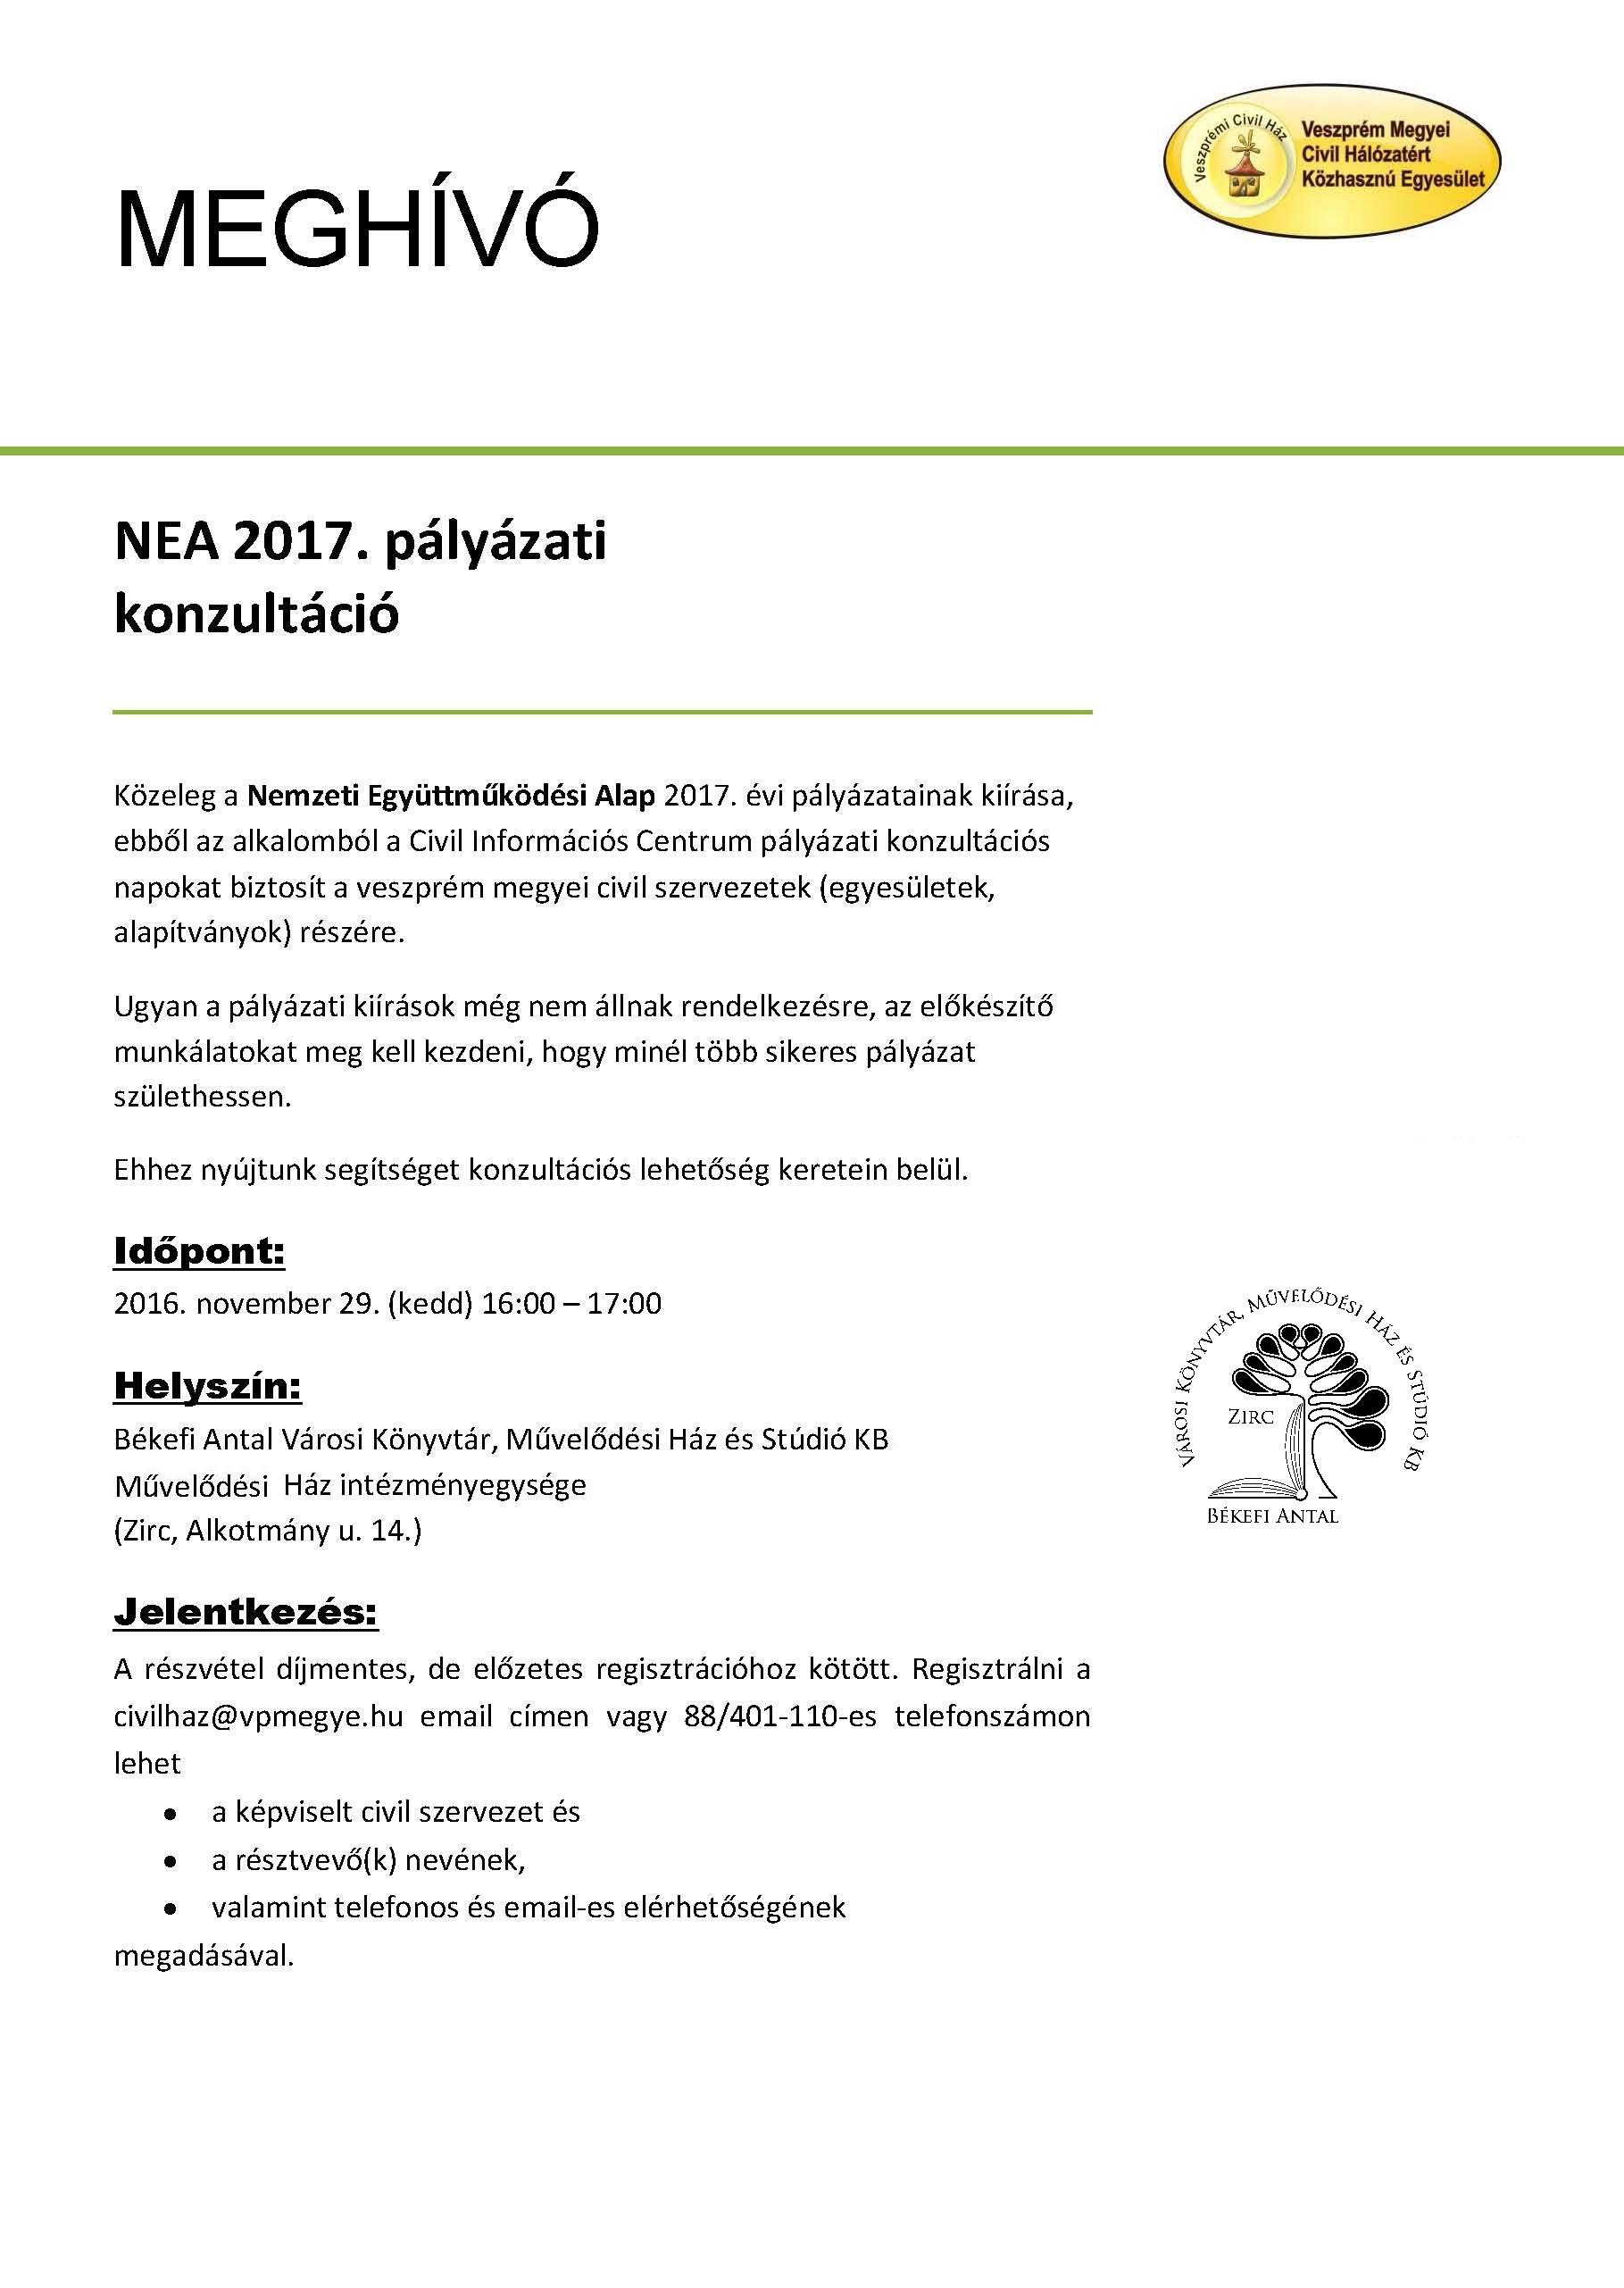 2016-11-29_nea_konzultacio.jpg